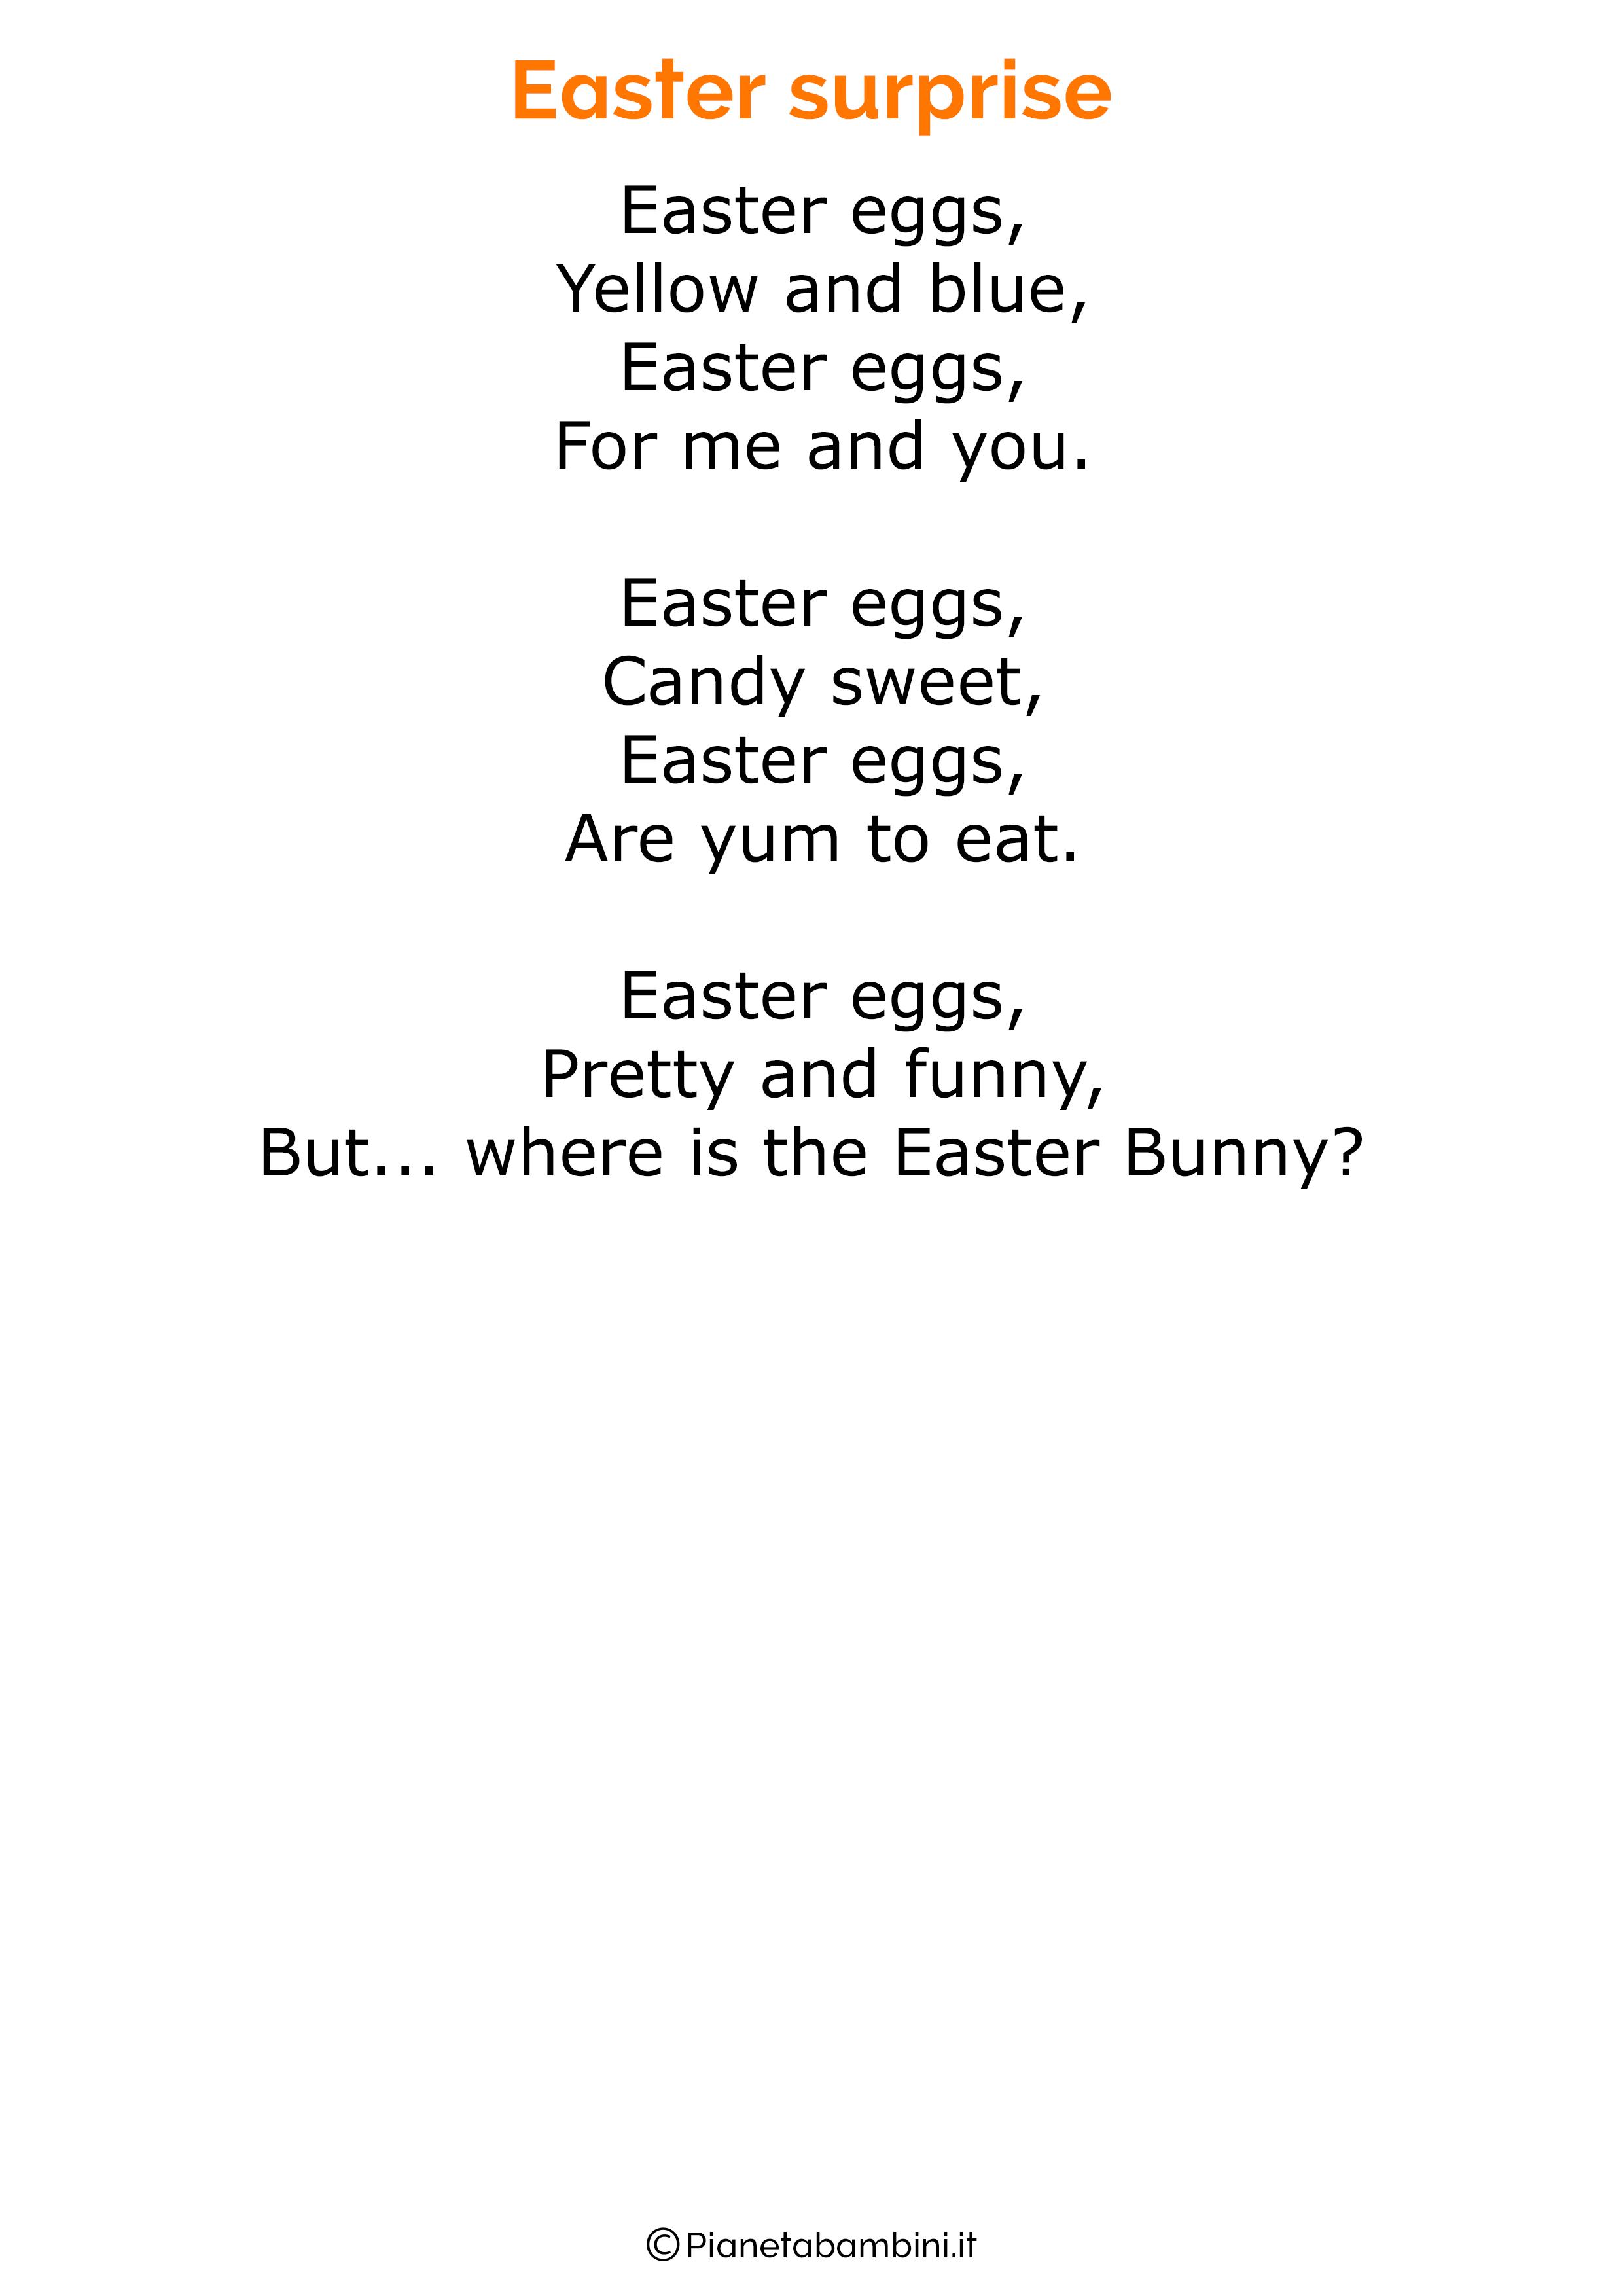 Poesie Di Natale In Inglese Per Bambini.30 Poesie Di Pasqua In Inglese Per Bambini Inglese Poesia Lavoretti Scuola Materna